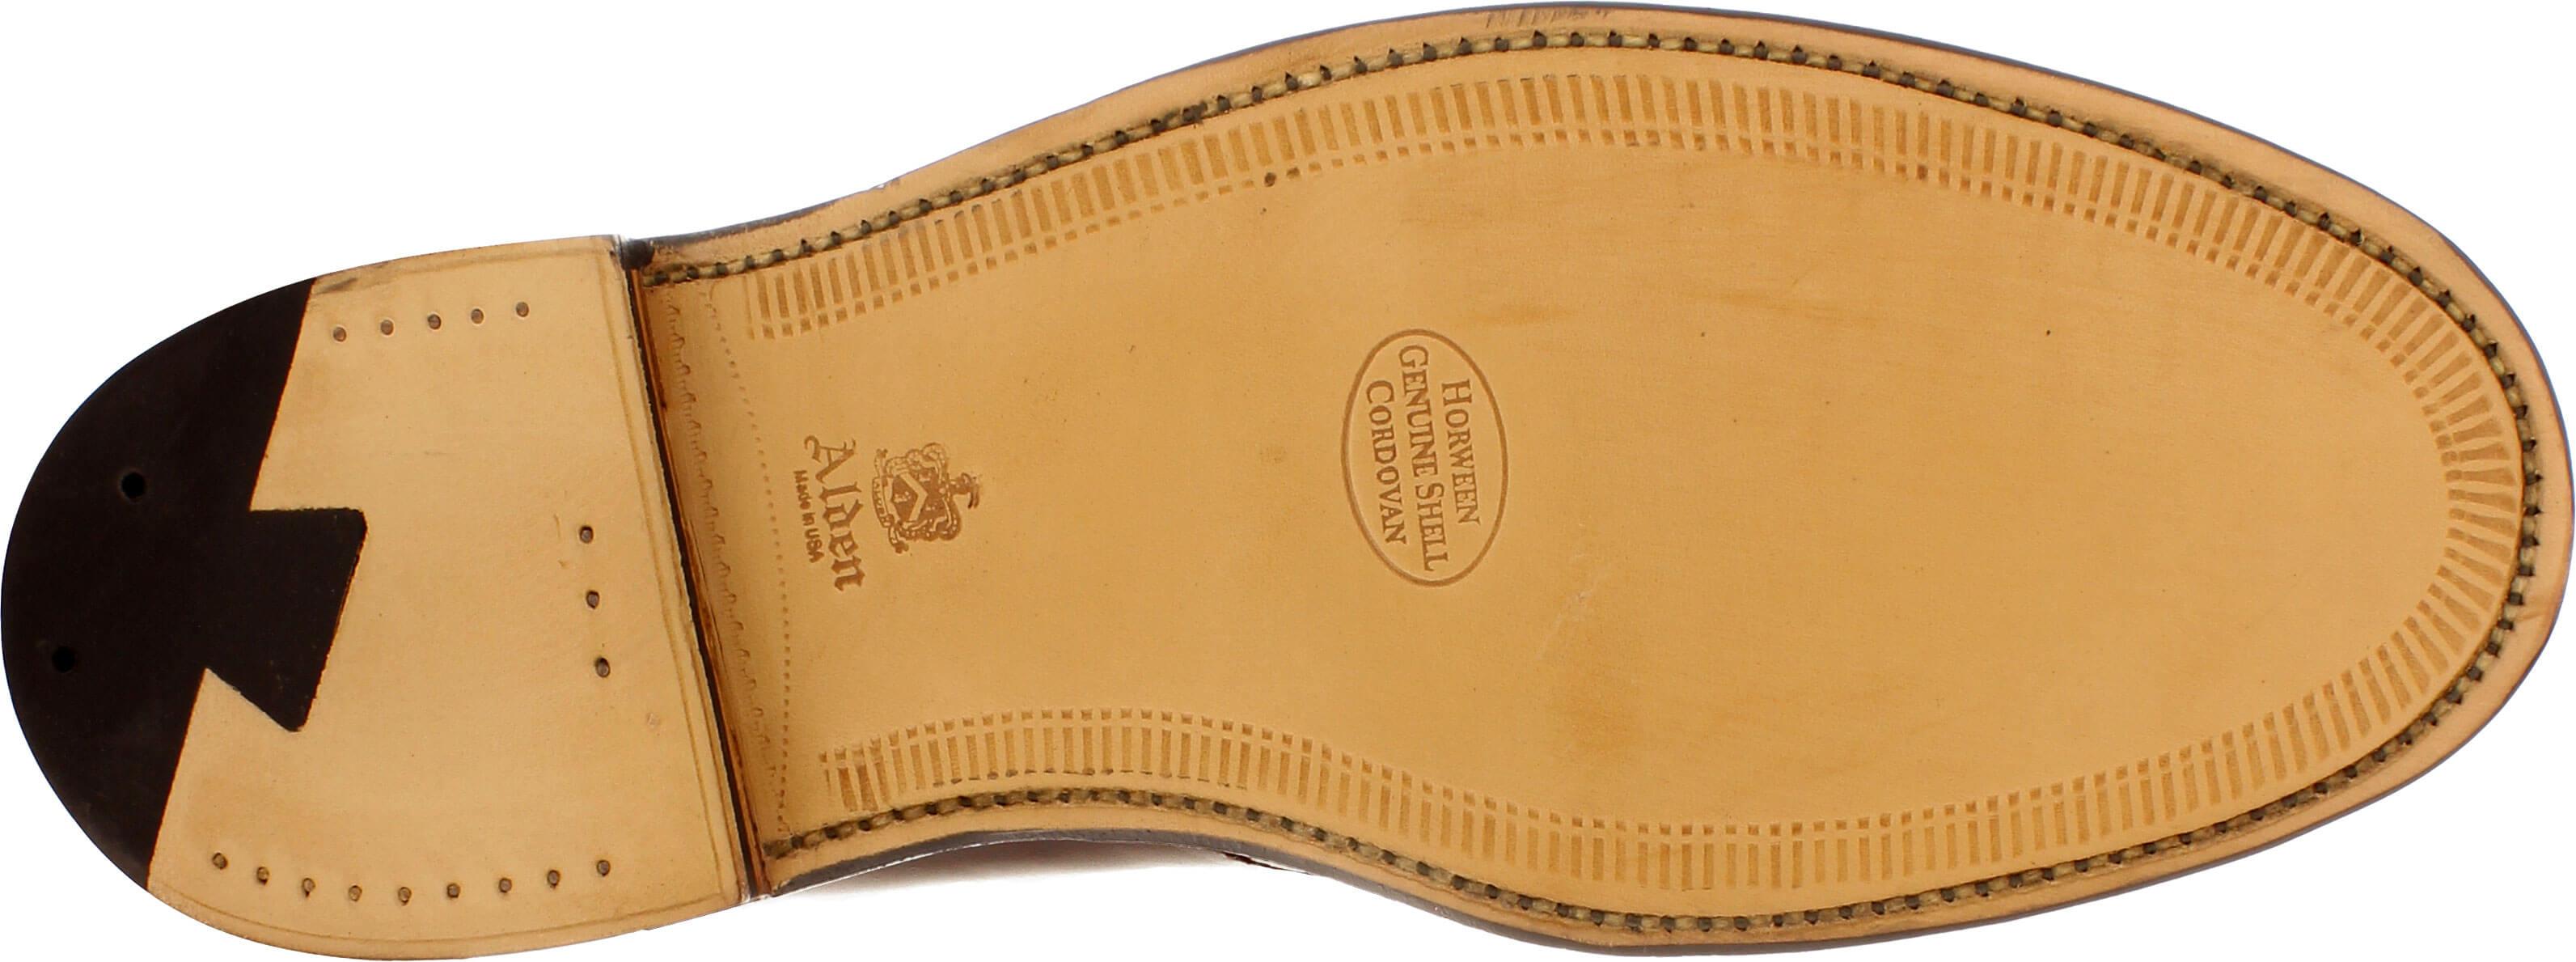 Alden Men's 1339 Chukka Boot Color 8 Shell Cordovan